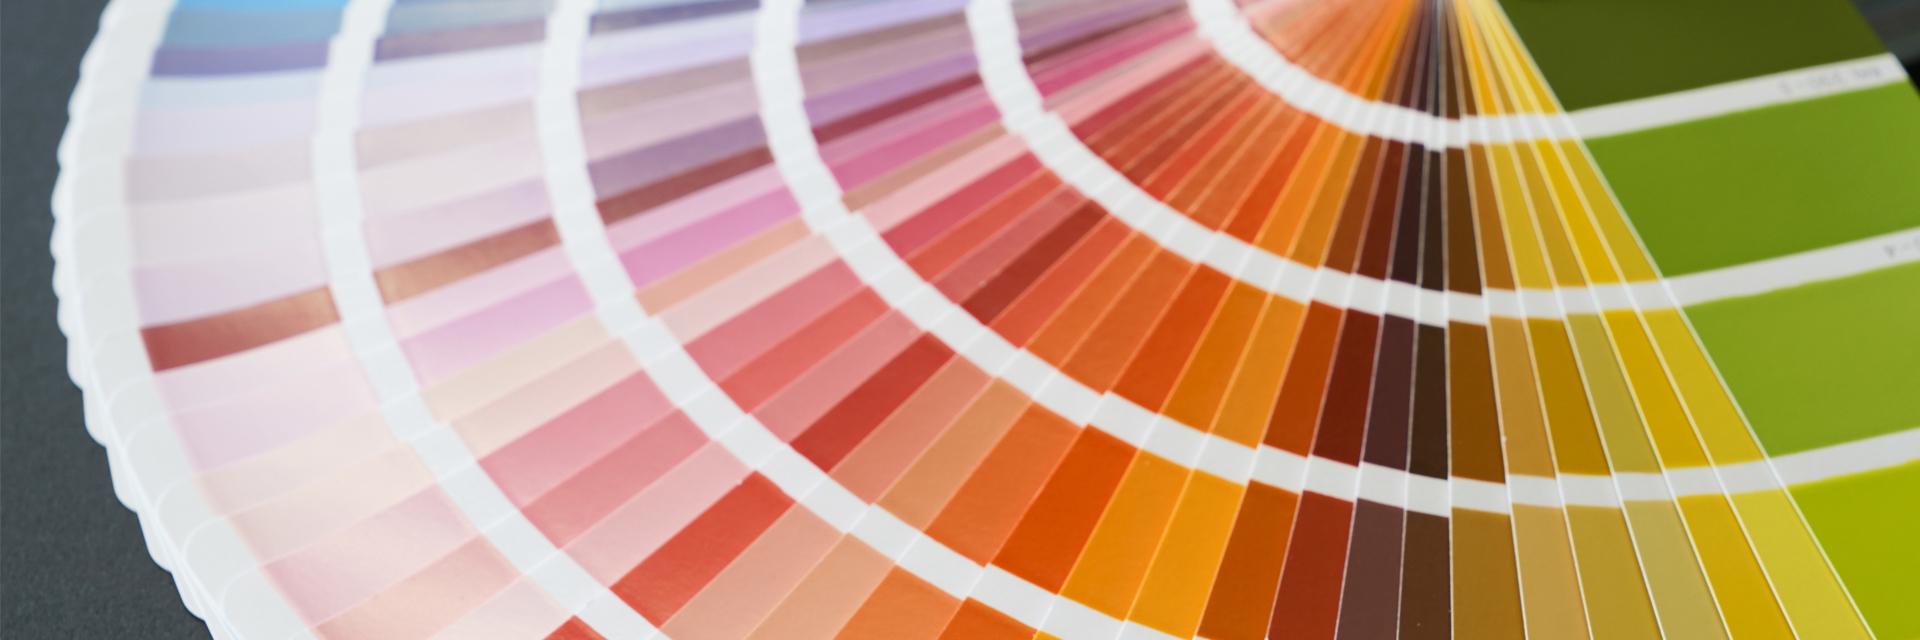 Jede Farbe ist mit Duraflon machbar.